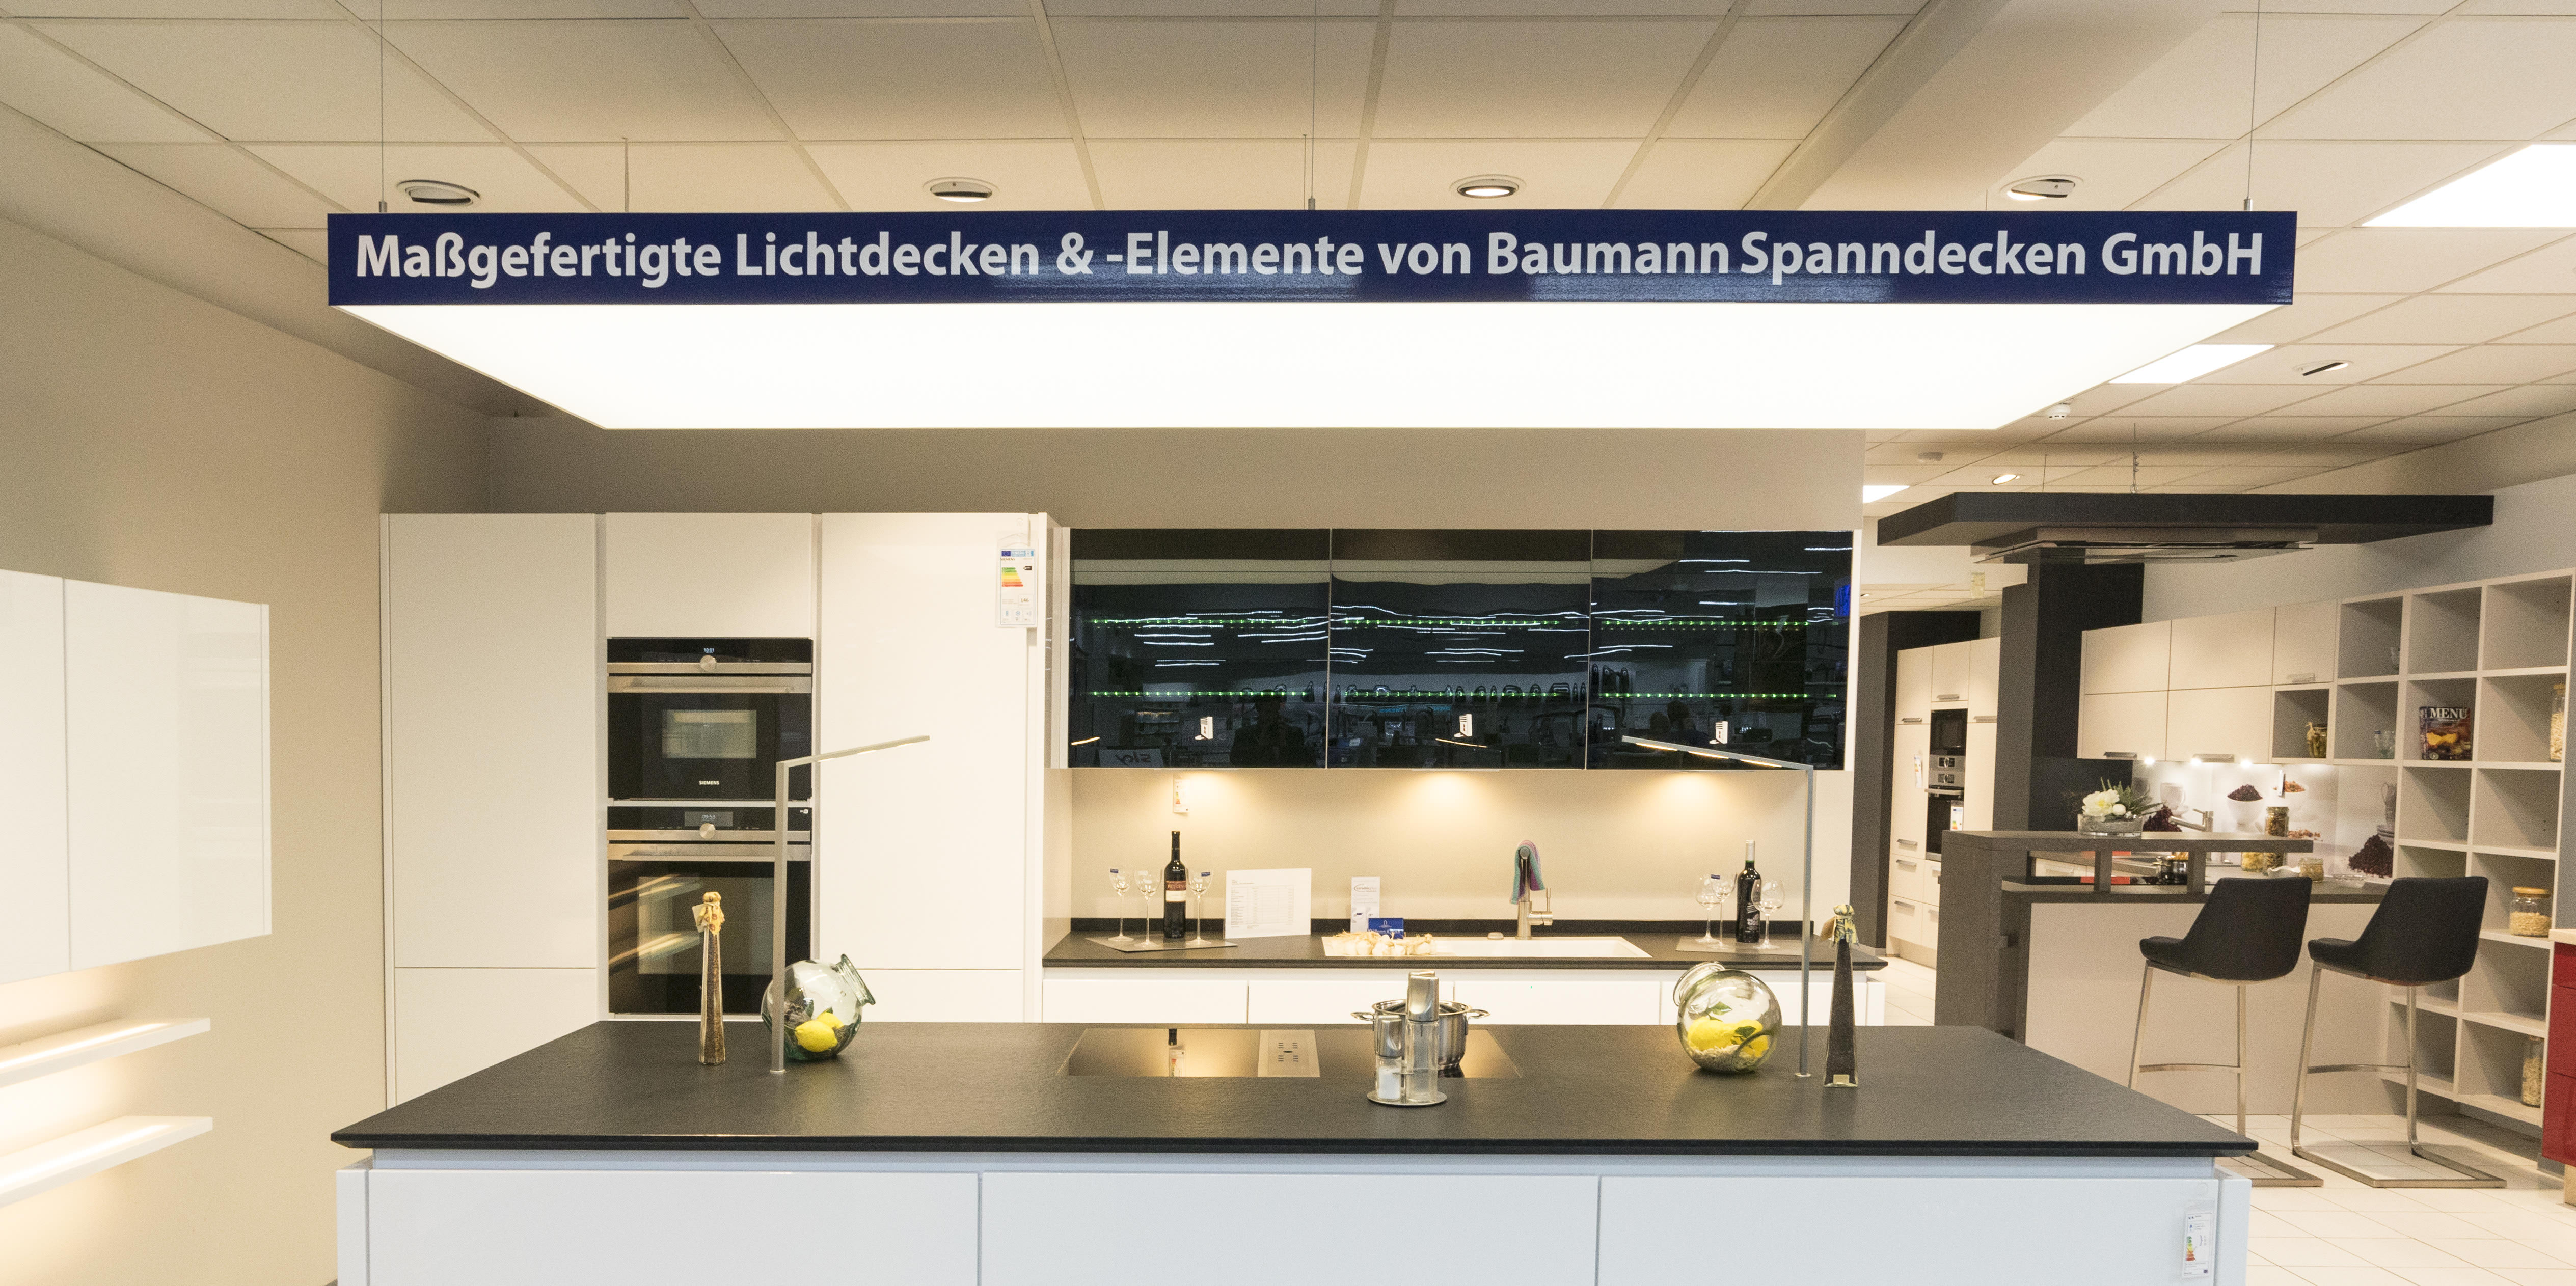 Baumann Spanndecken Deckensegel Lichtdecken Küche von vorne